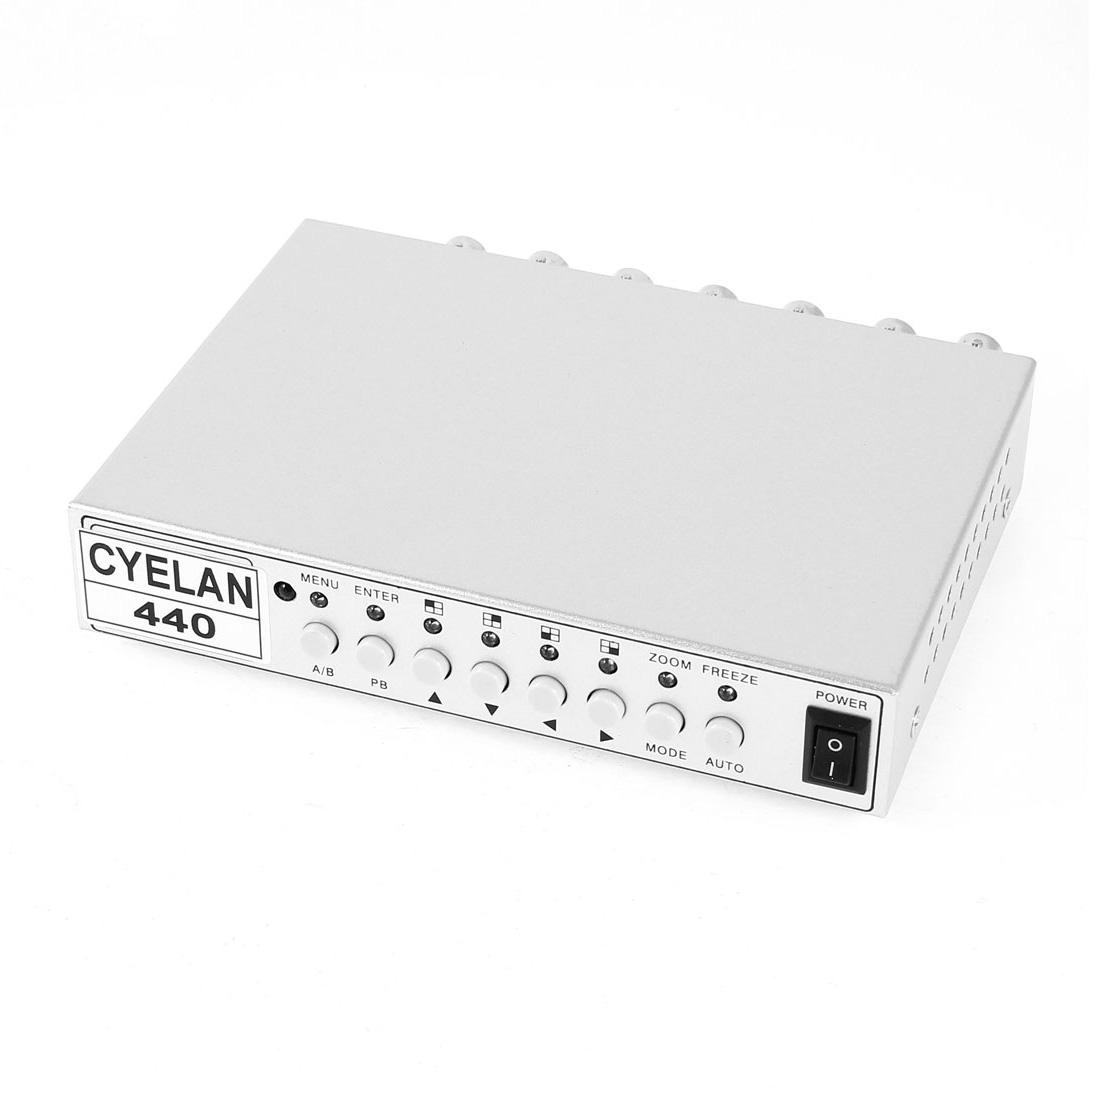 4Ch CCTV Color QUAD Processor Spliter for Surveillance Security Camera System